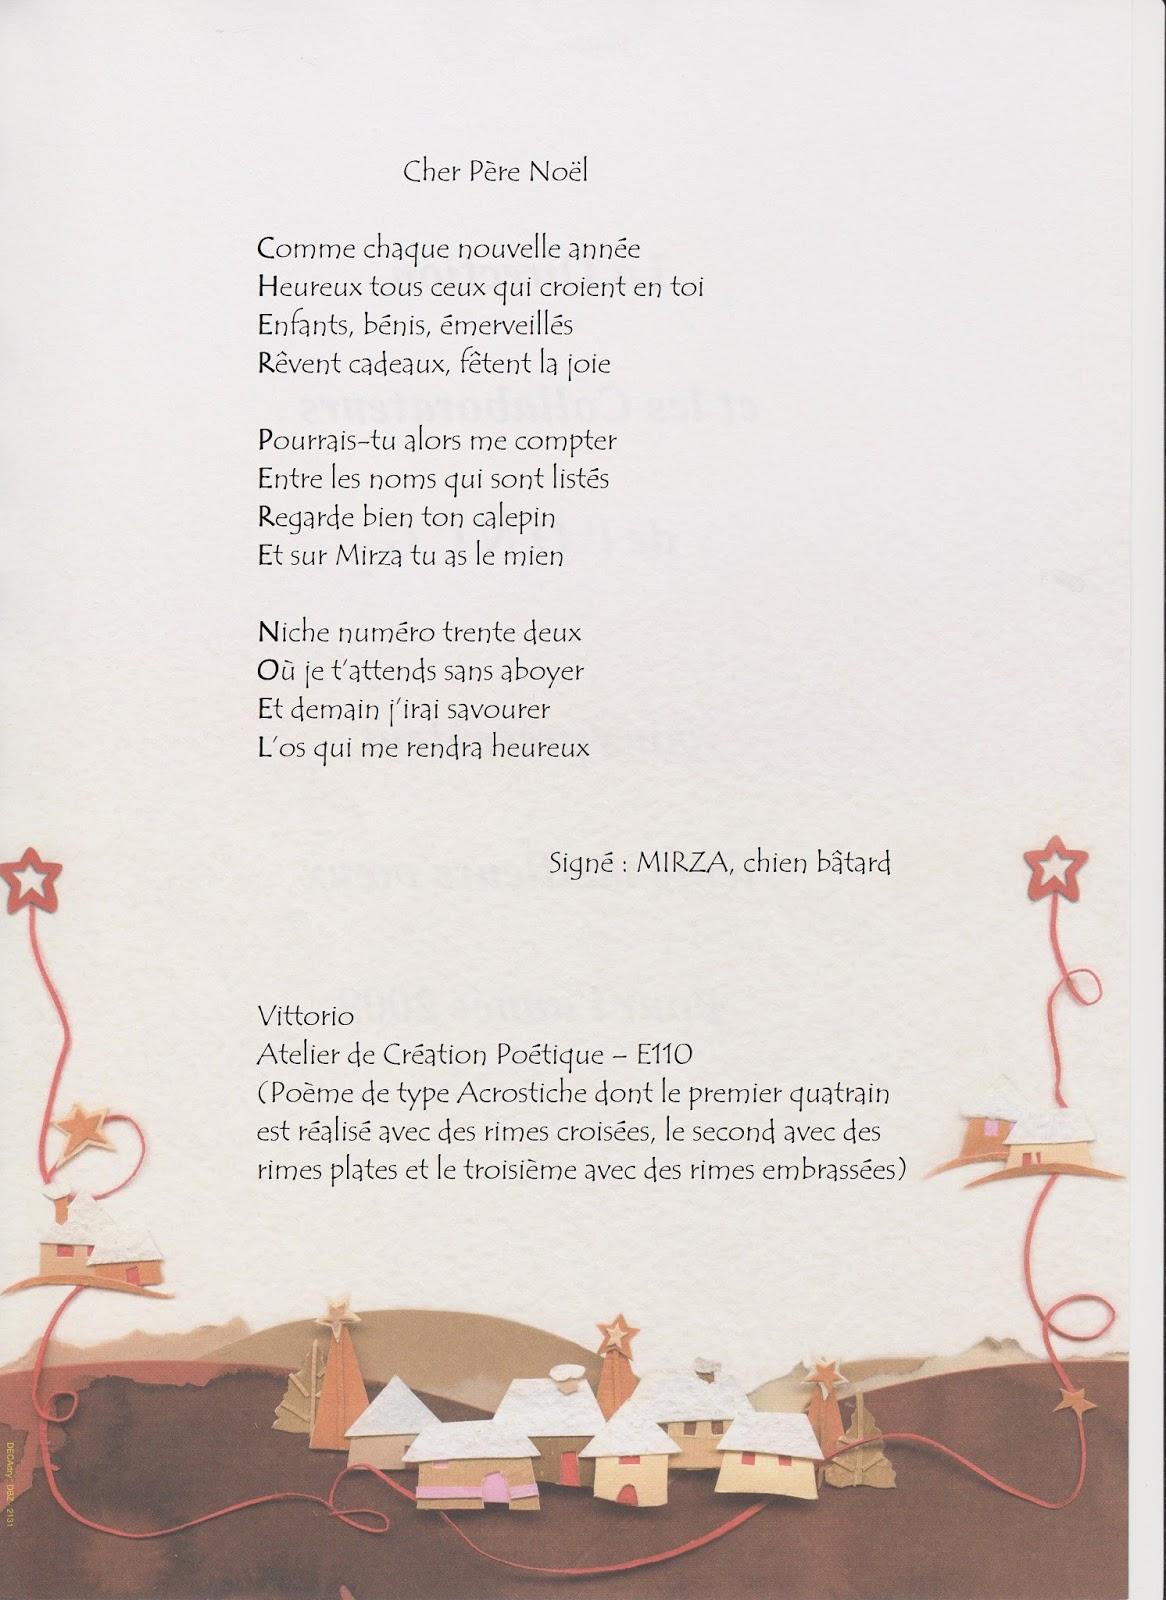 Poeme Lettre Au Pere Noel.Ecrire Pastel Lettre Au Pere Noel N 4 Par L Atelier De